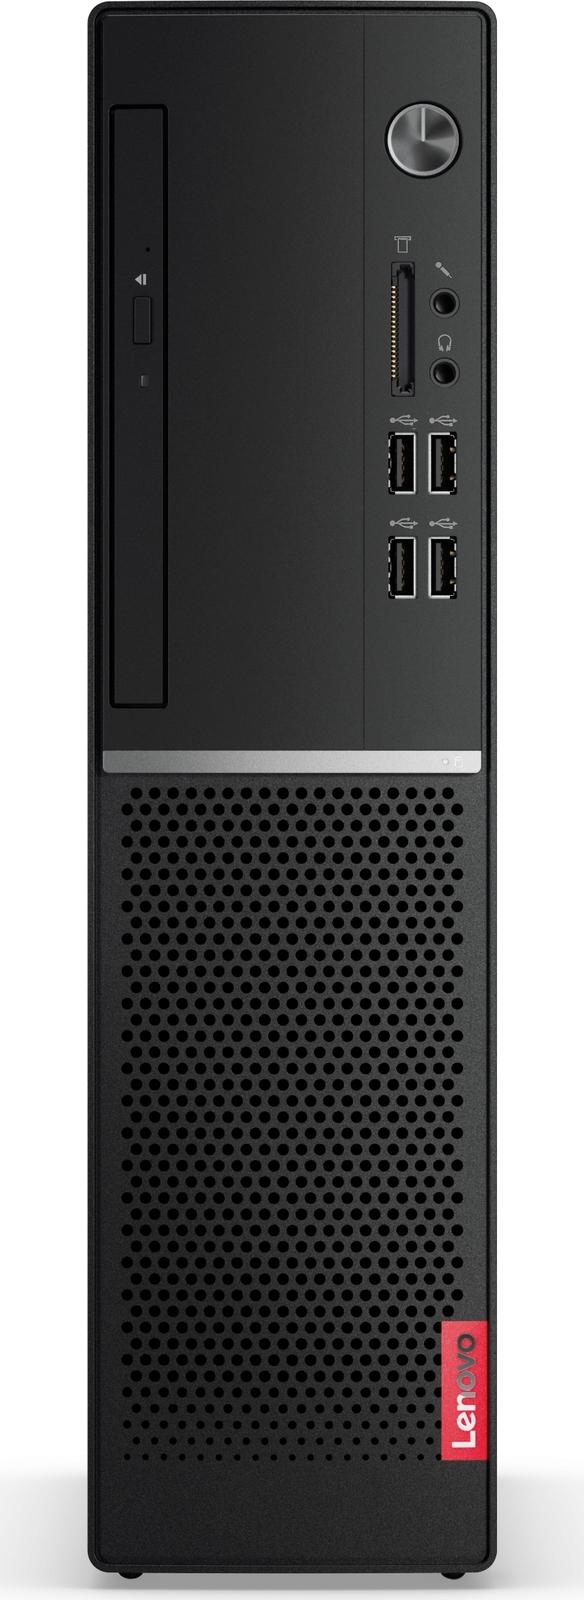 Системный блок Lenovo V520s-08IKL SFF, 10NM003TRU, черный моноблок lenovo v410z 22 fullhd core i5 7400t 4gb 1tb dvd kb m win10pro black